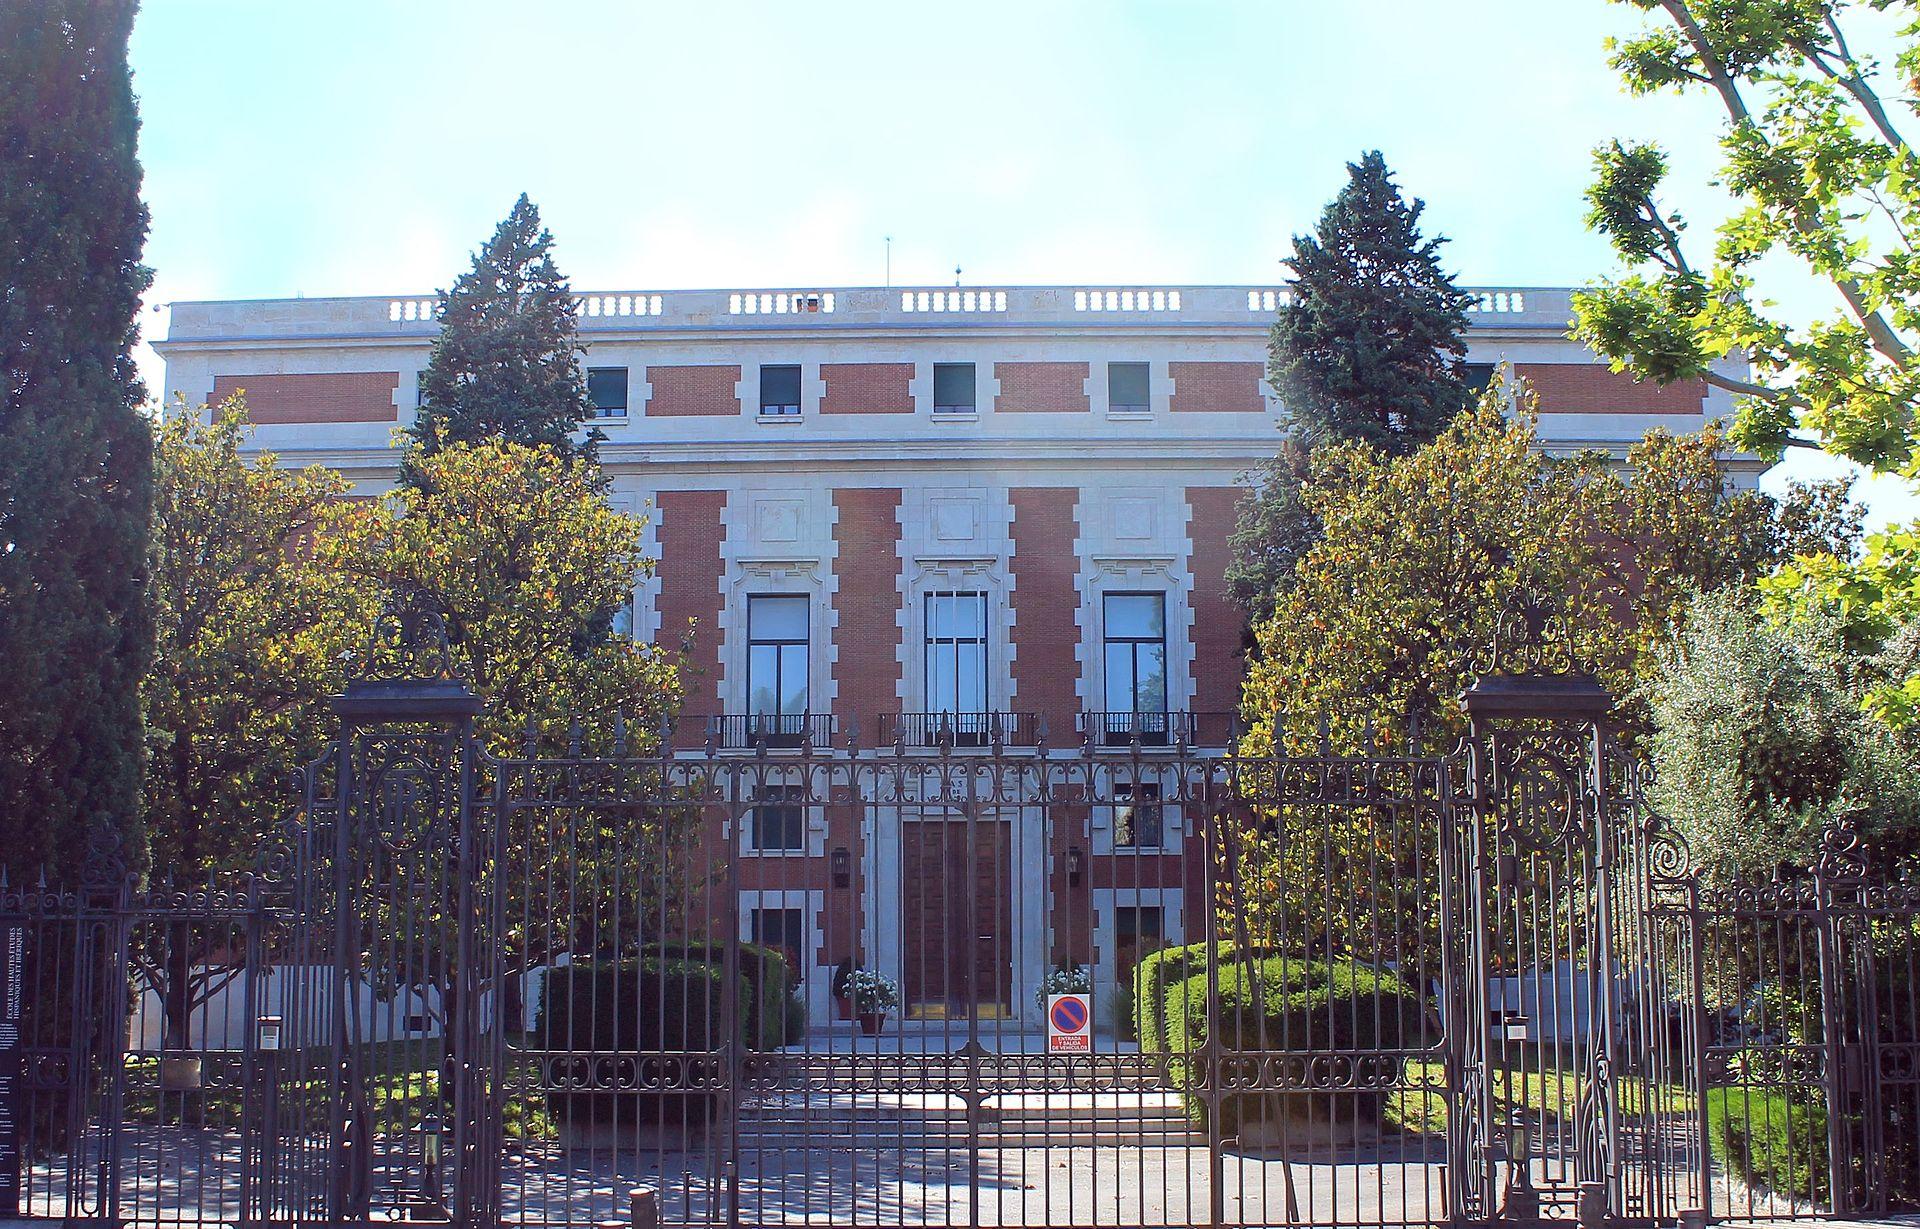 Casa de vel zquez wikipedia la enciclopedia libre - Casa de madrid ...